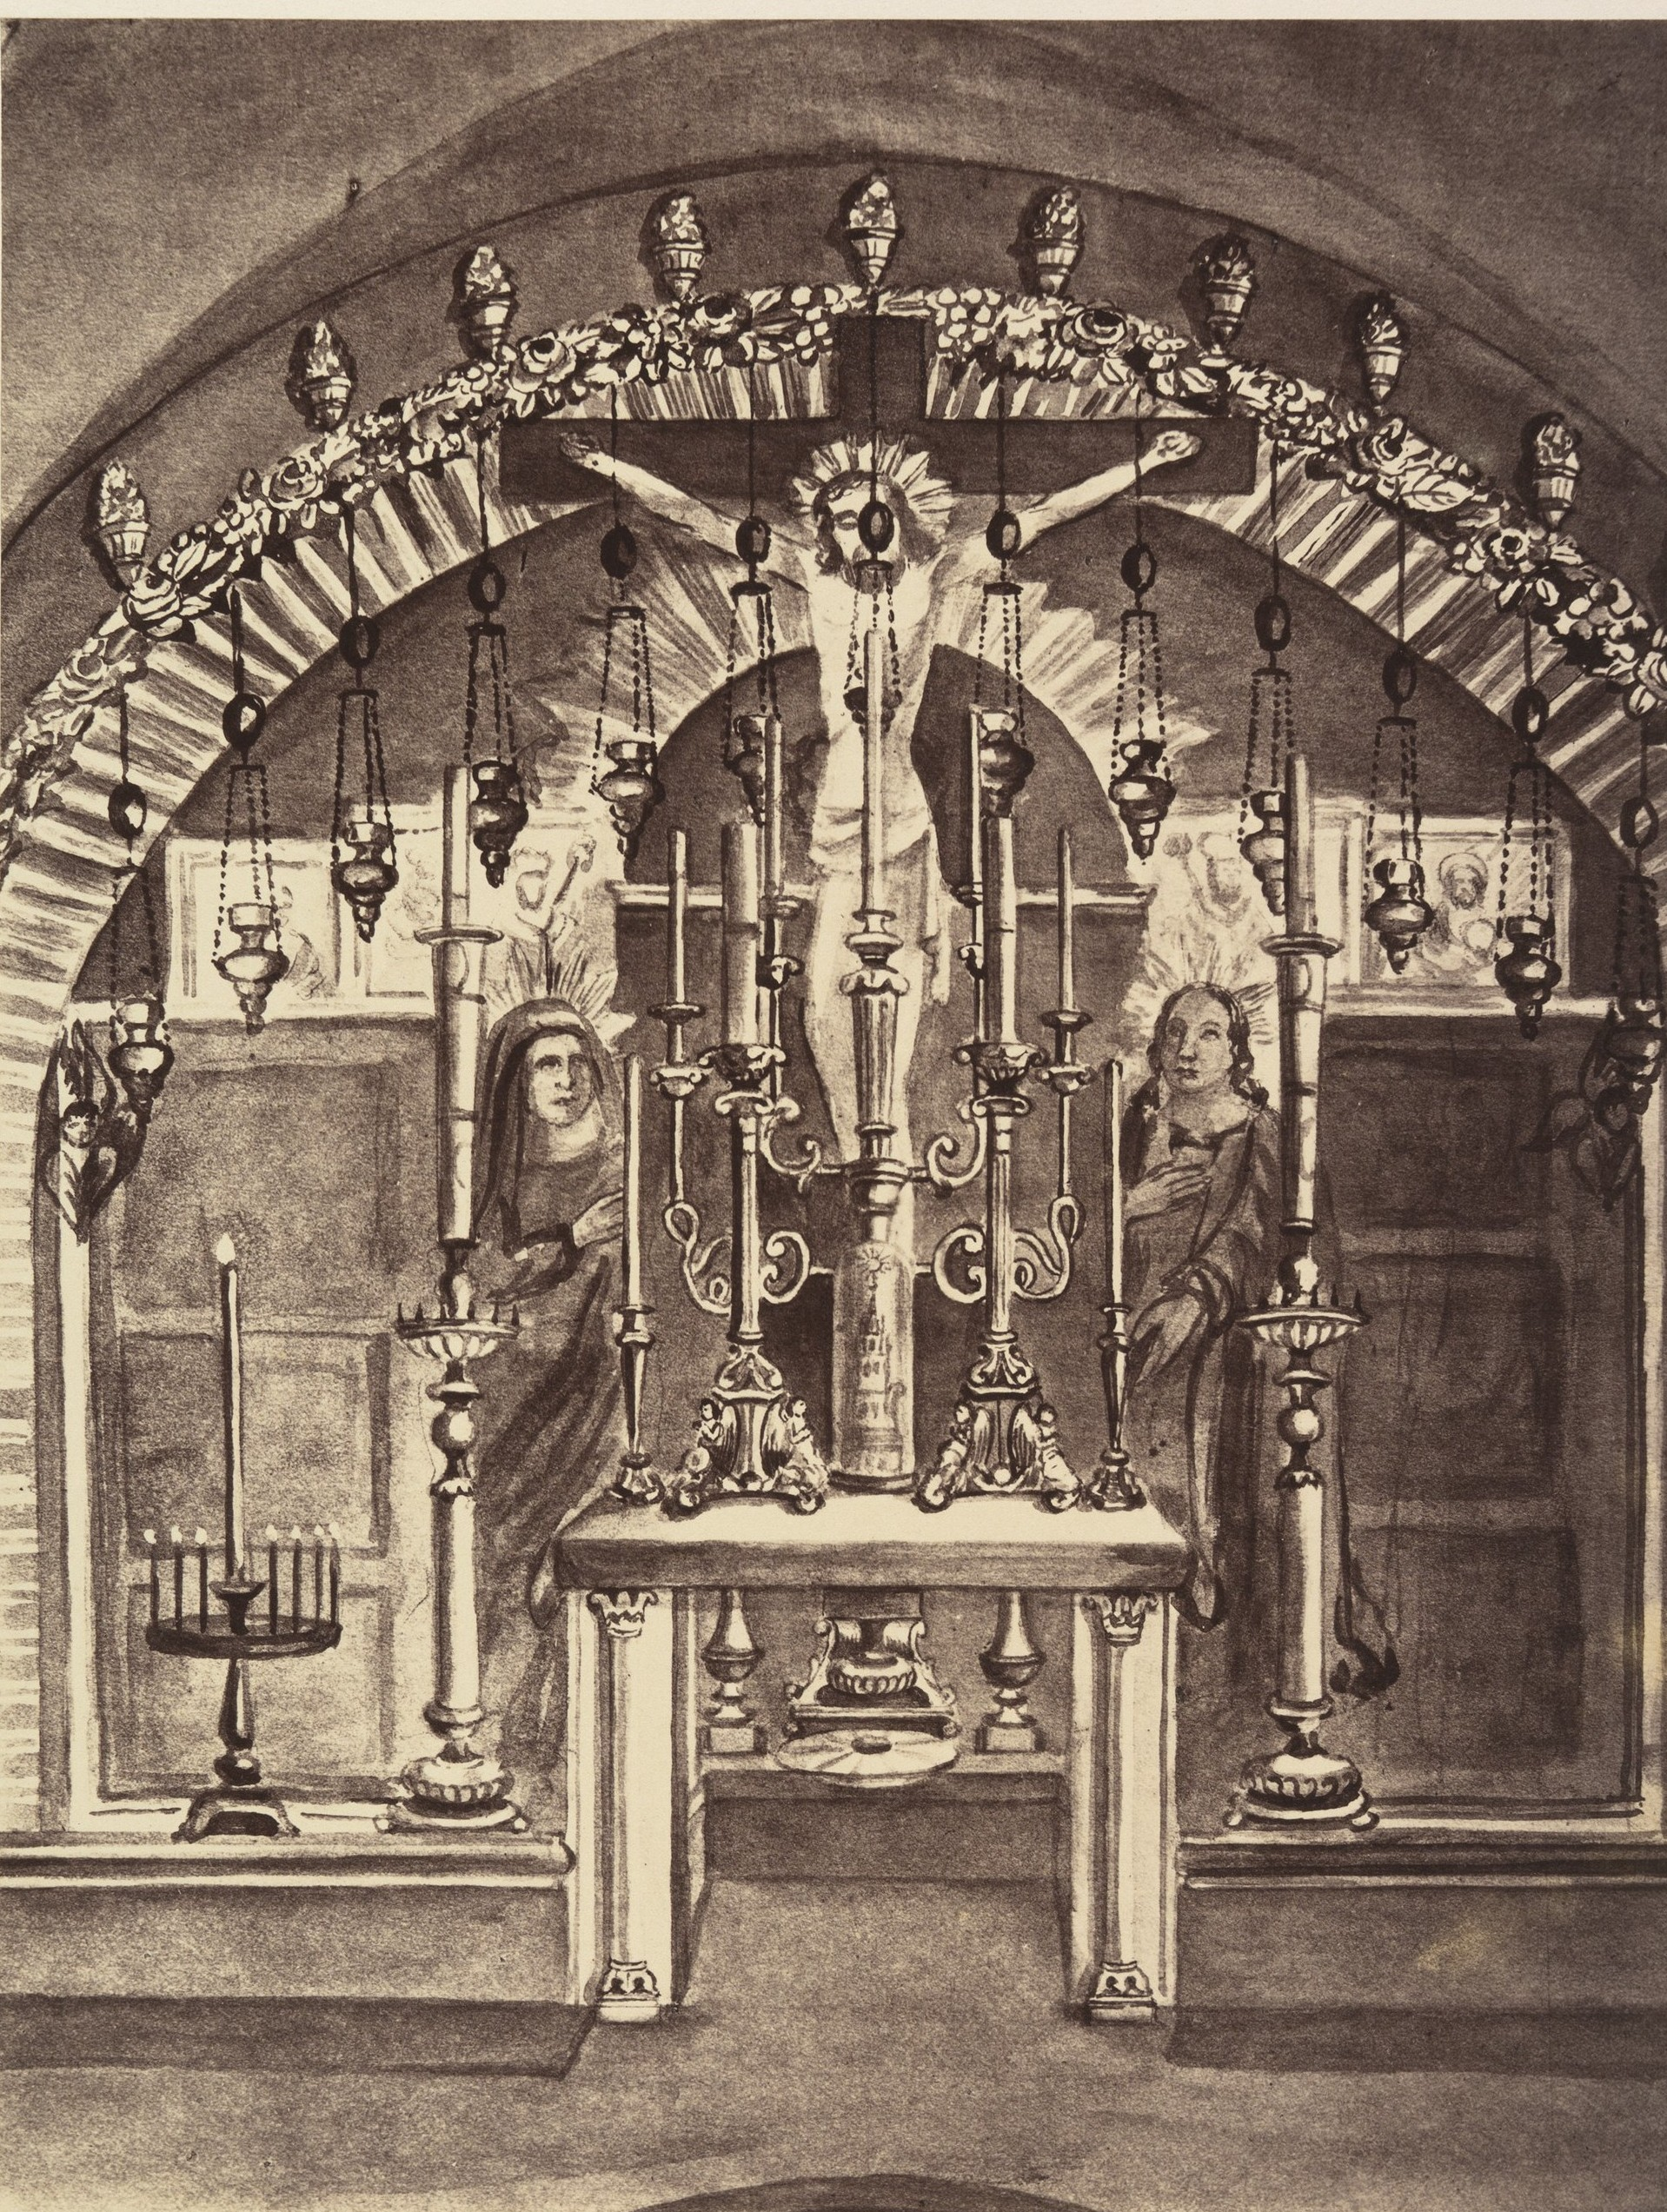 XII станция. Смерть на кресте. Место, где стоял крест, отмечено серебряным диском под алтарем